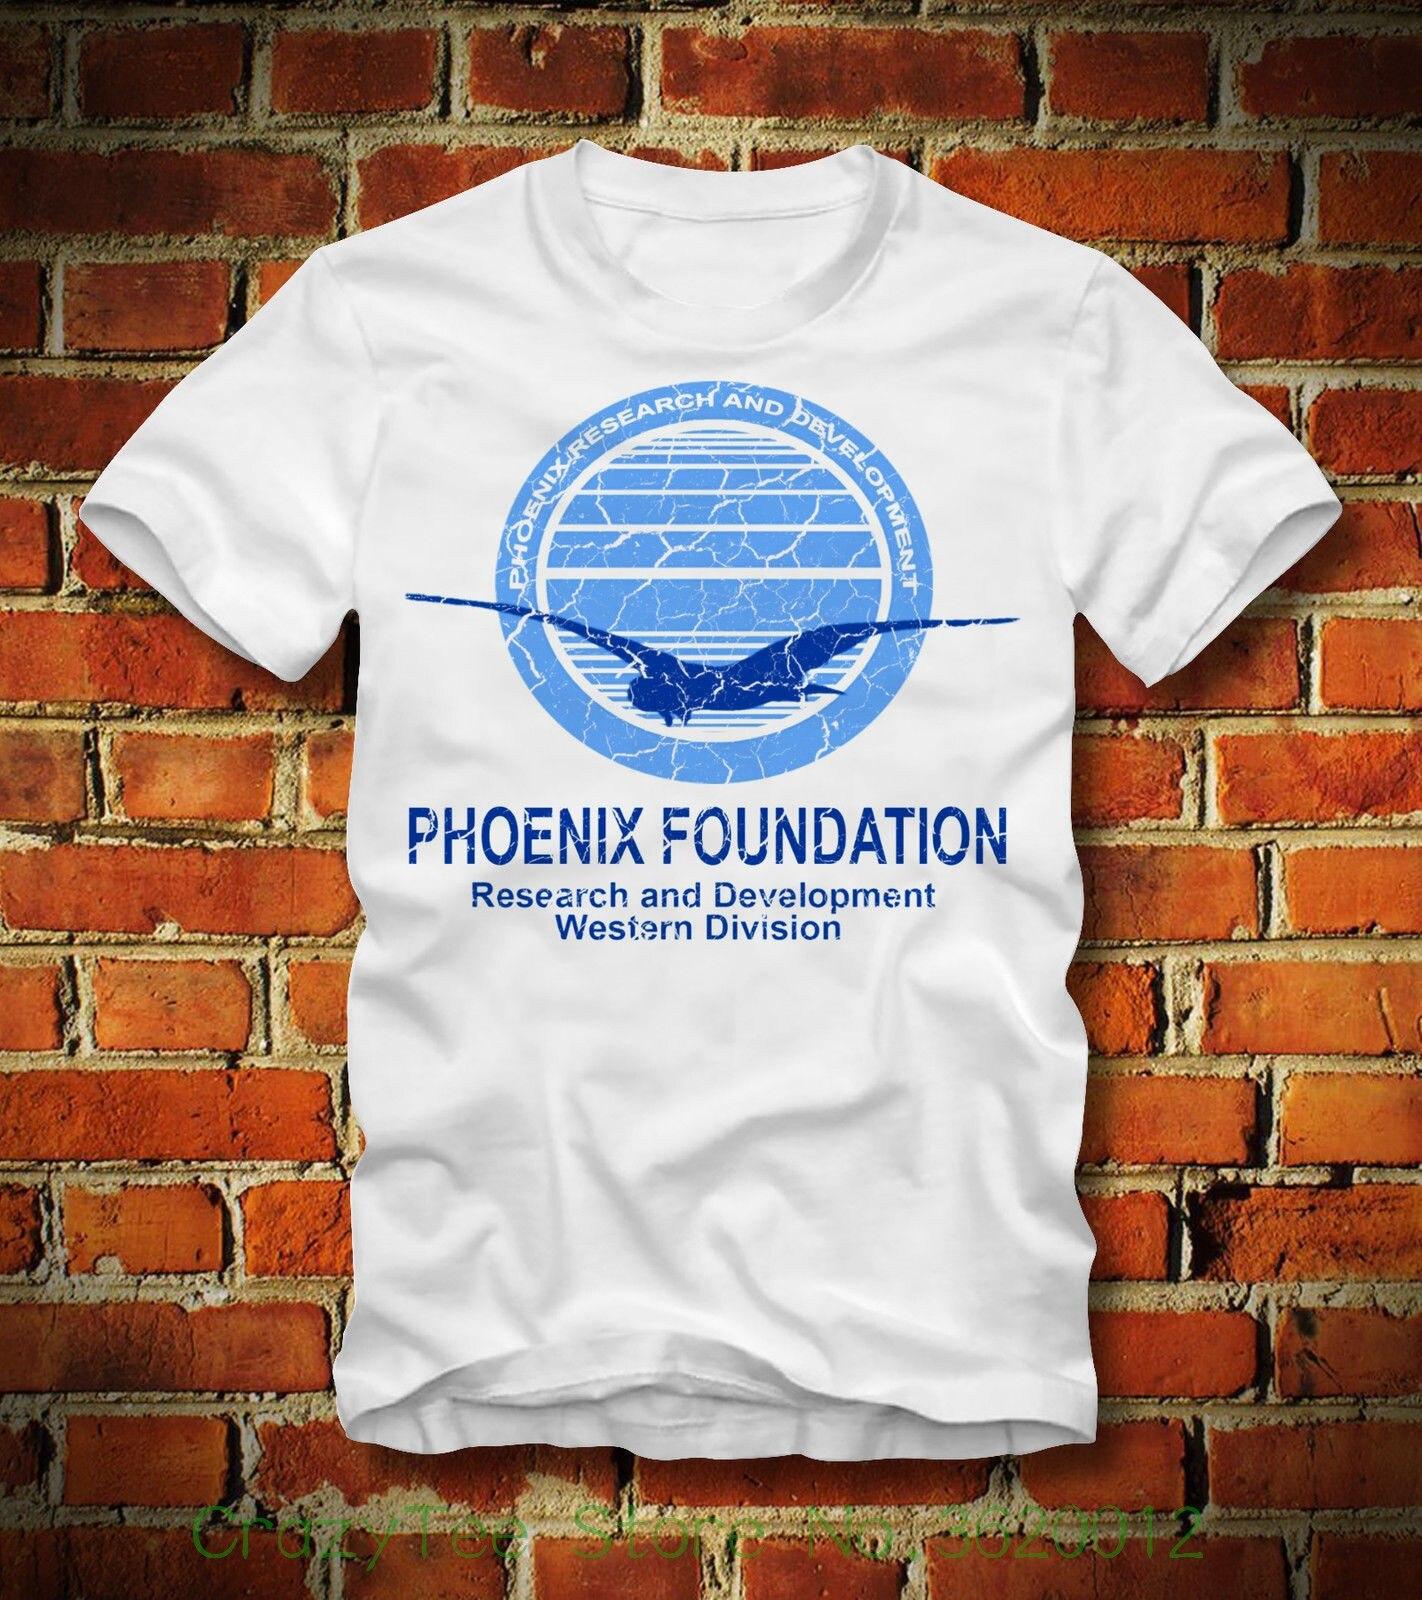 Женская футболка Boardrippaz, футболка Mc Gyver Mcgyver Phoenix Foundation, Классическая Ретро брендовая одежда 2018, Футболка Harajuku